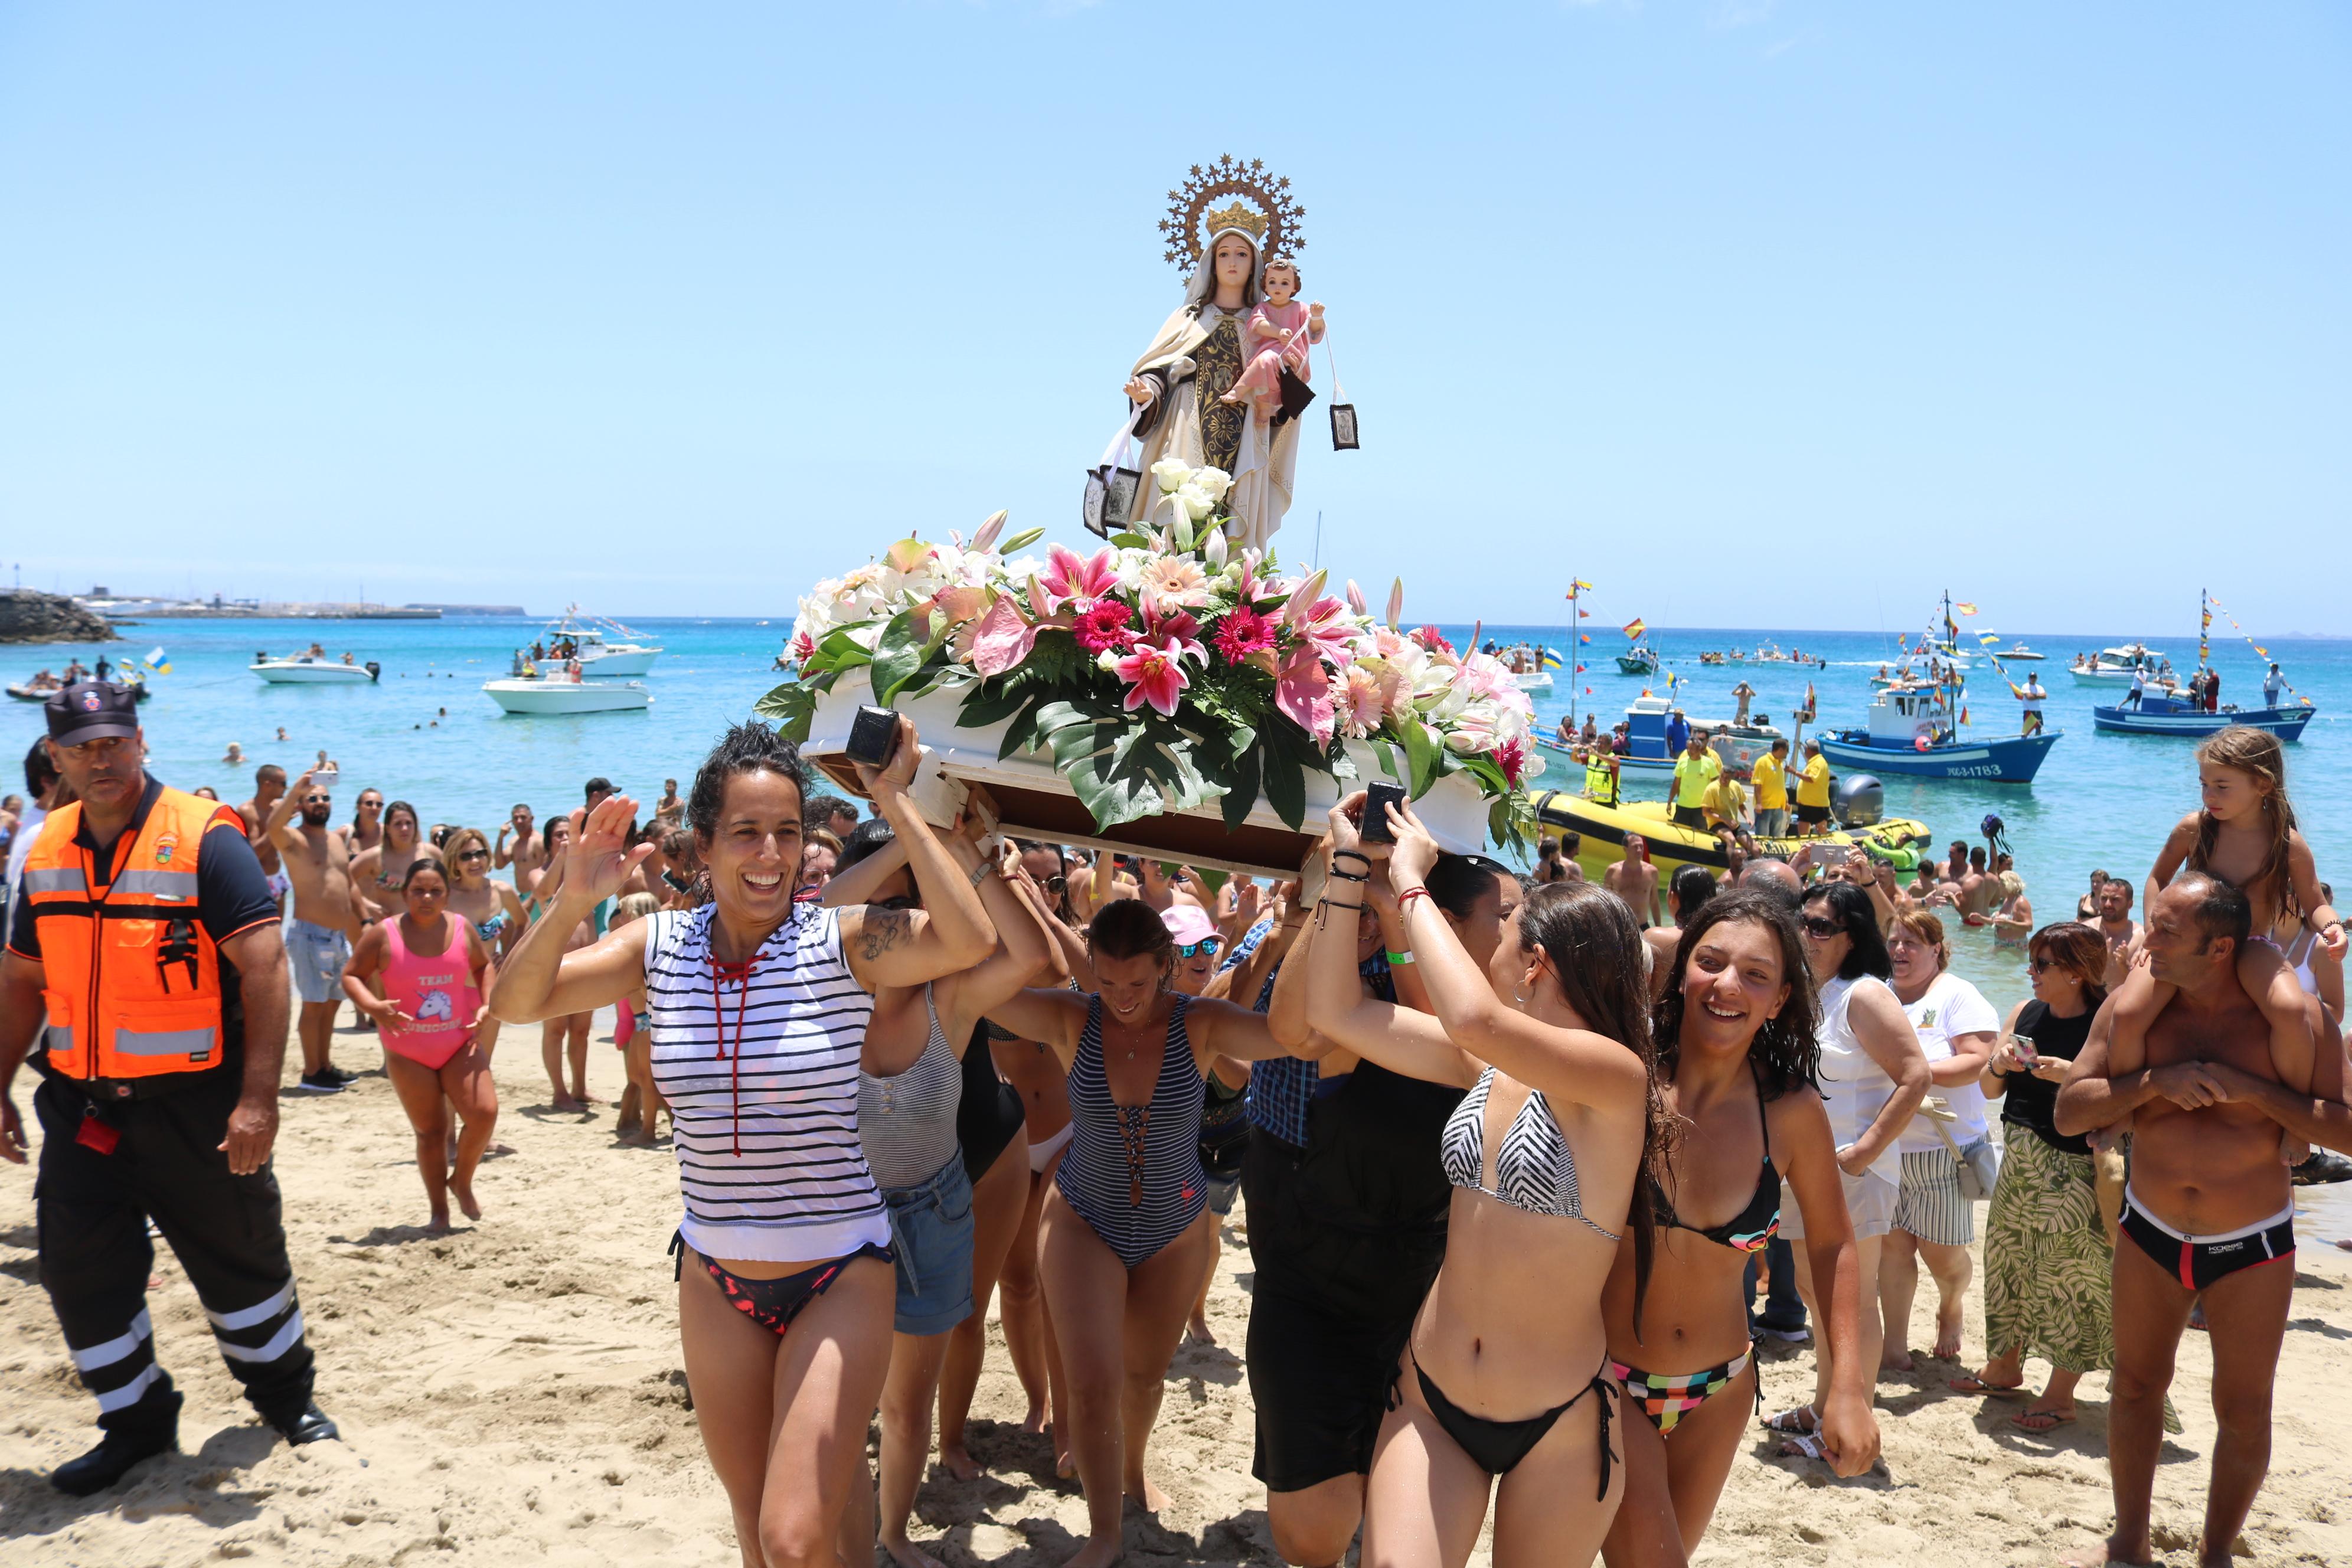 La Virgen del Carmen se da un baño de masas en su fiesta marinera de Playa Blanca